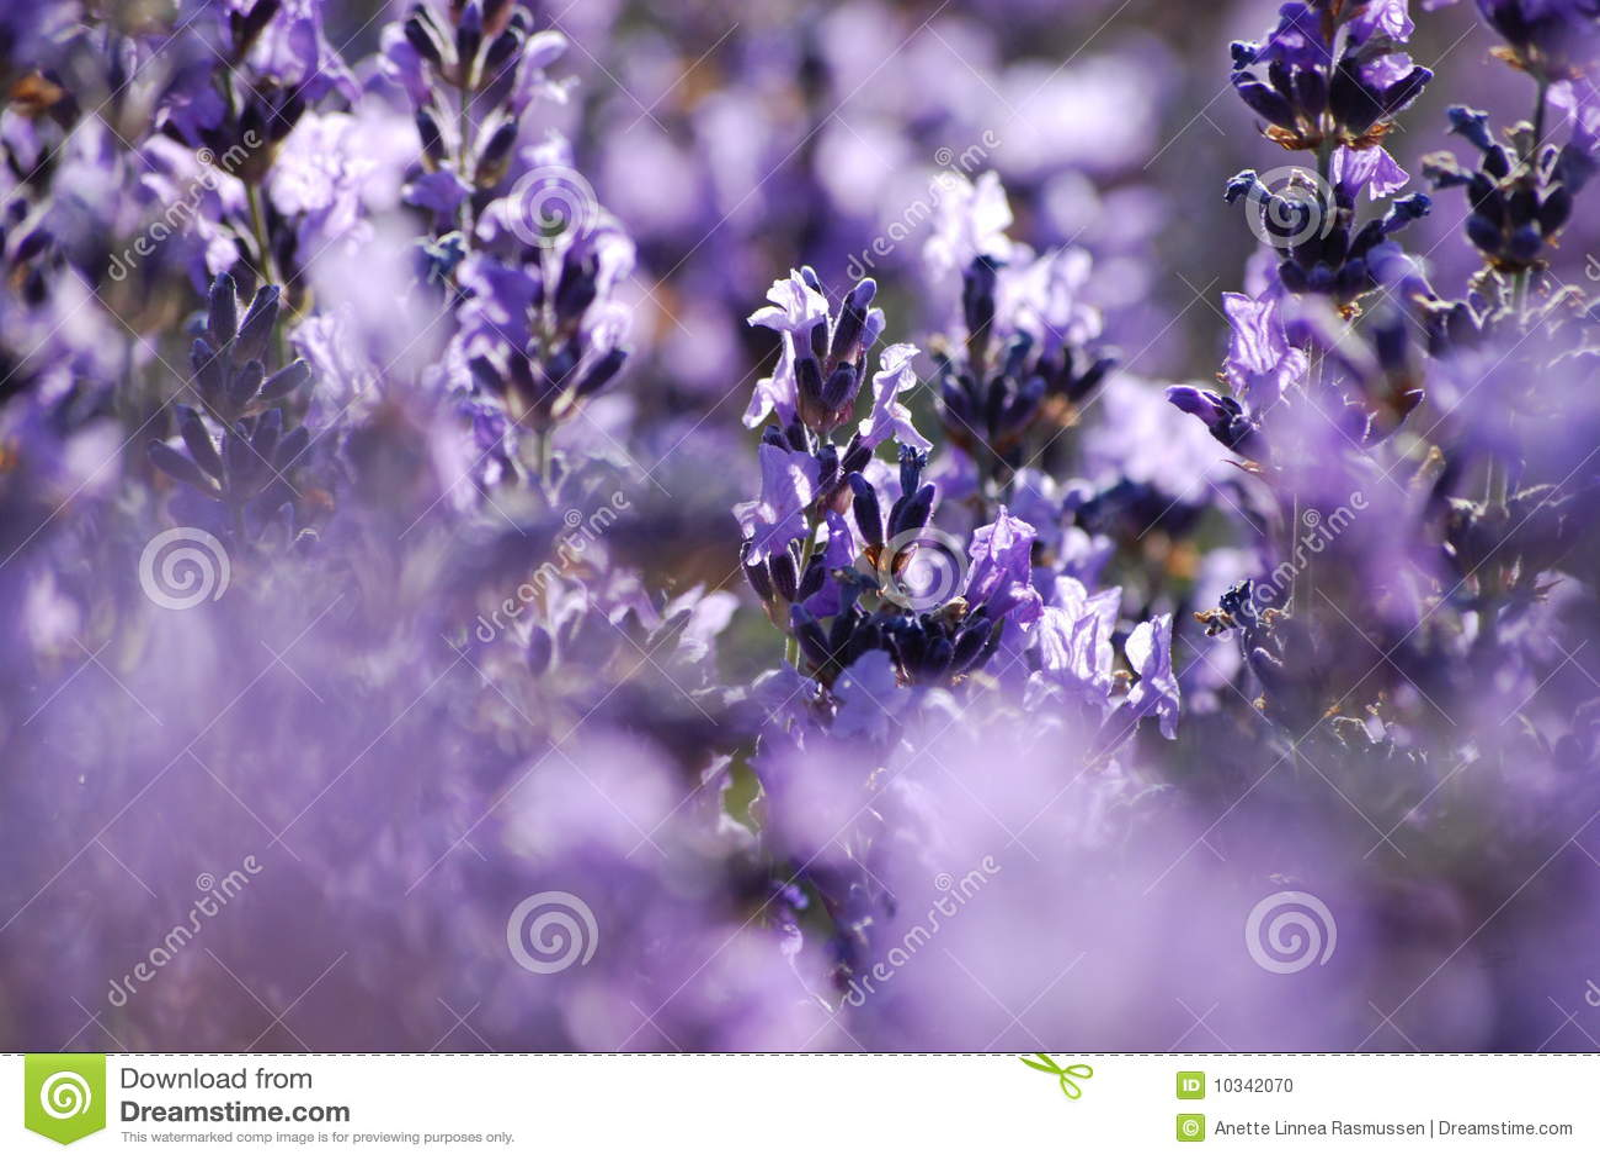 Blue Garden Lavender ...